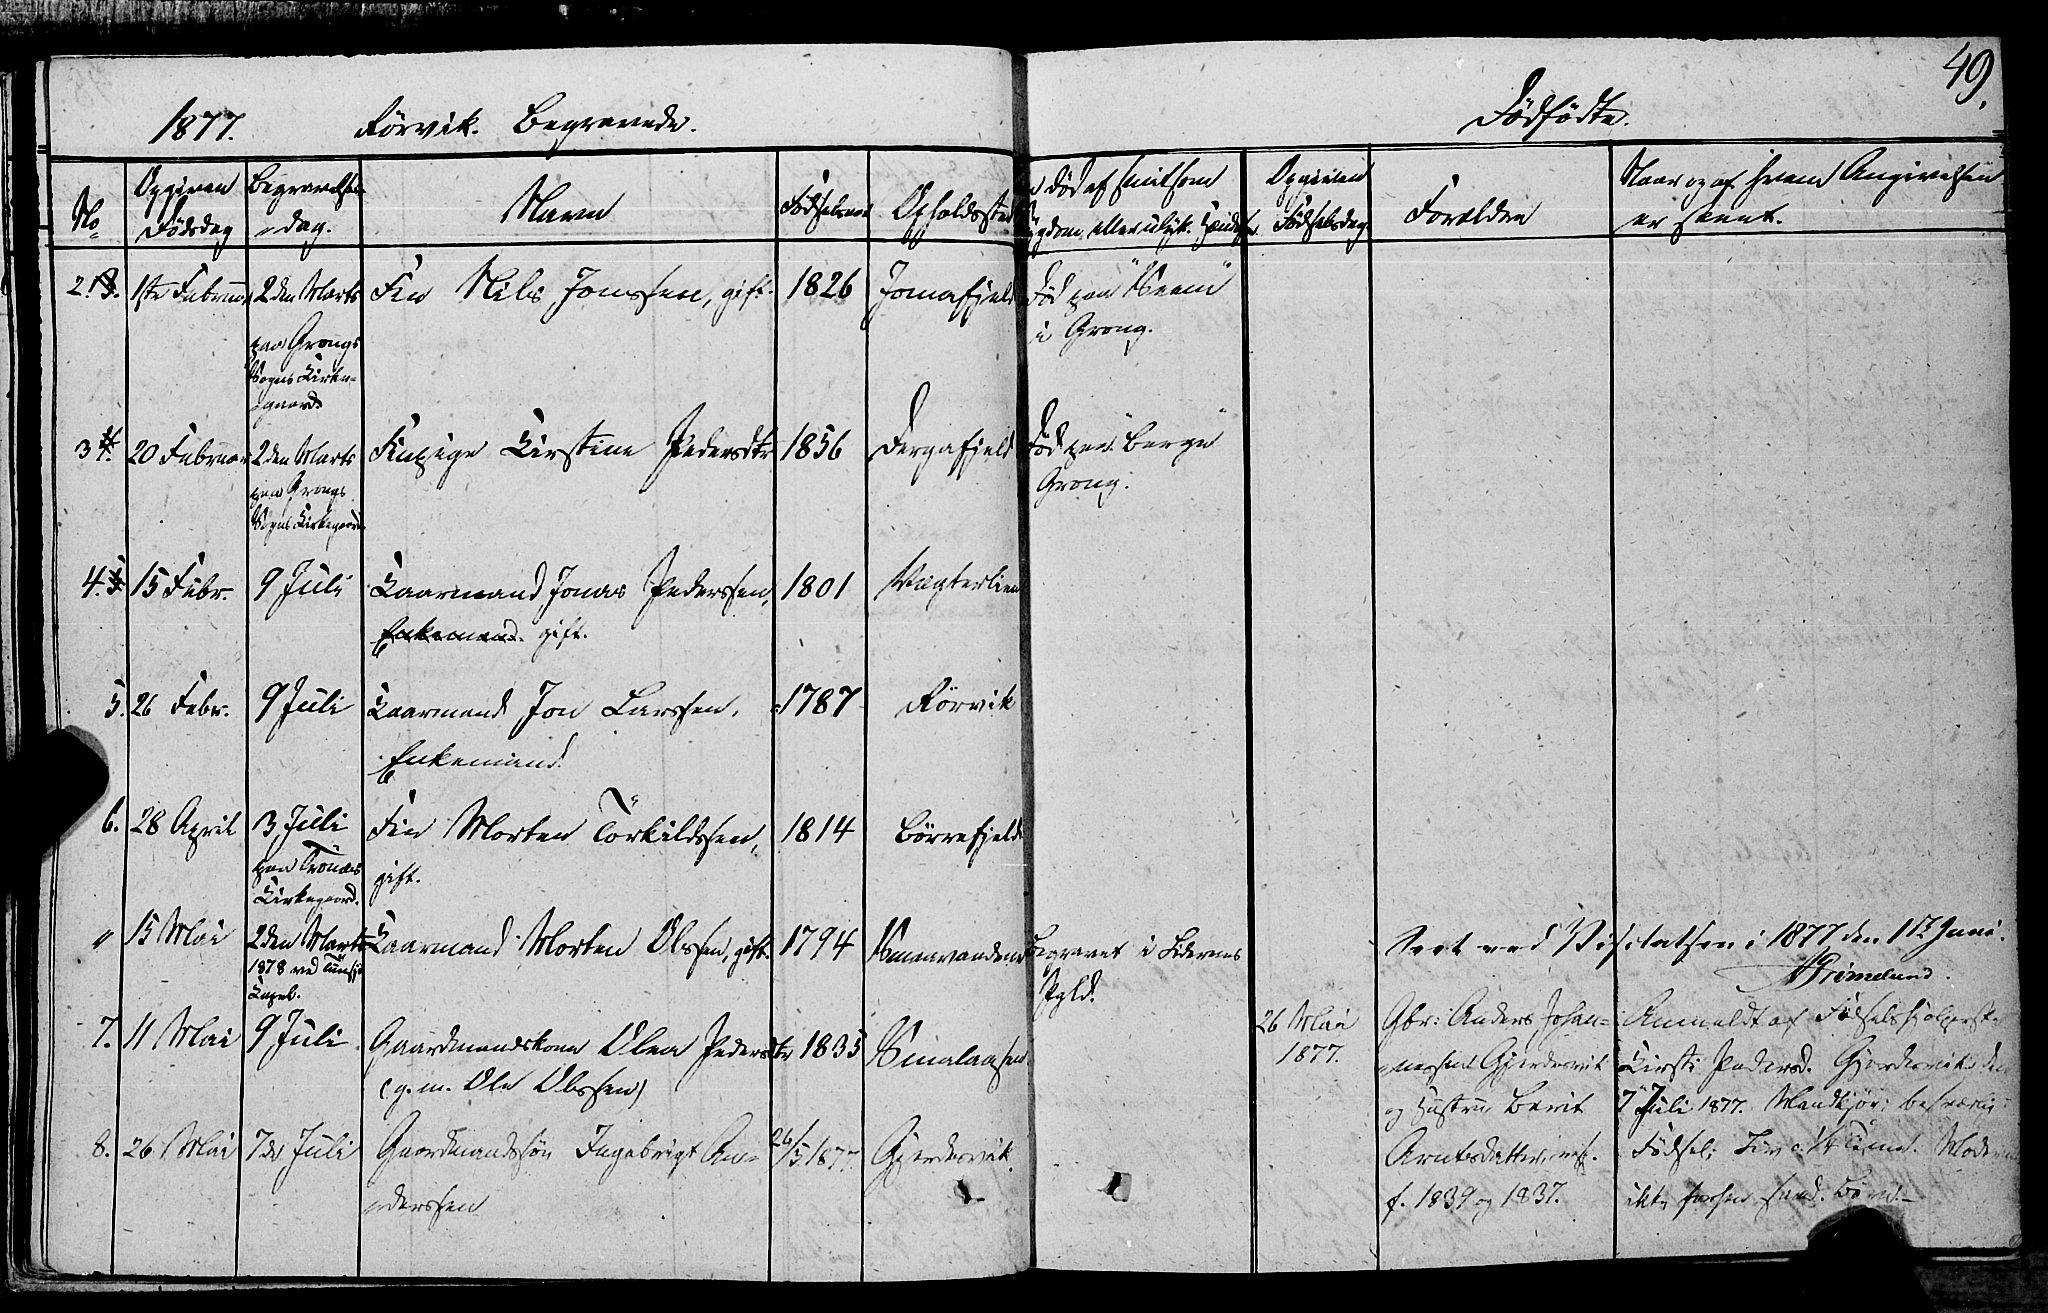 SAT, Ministerialprotokoller, klokkerbøker og fødselsregistre - Nord-Trøndelag, 762/L0538: Ministerialbok nr. 762A02 /1, 1833-1879, s. 49